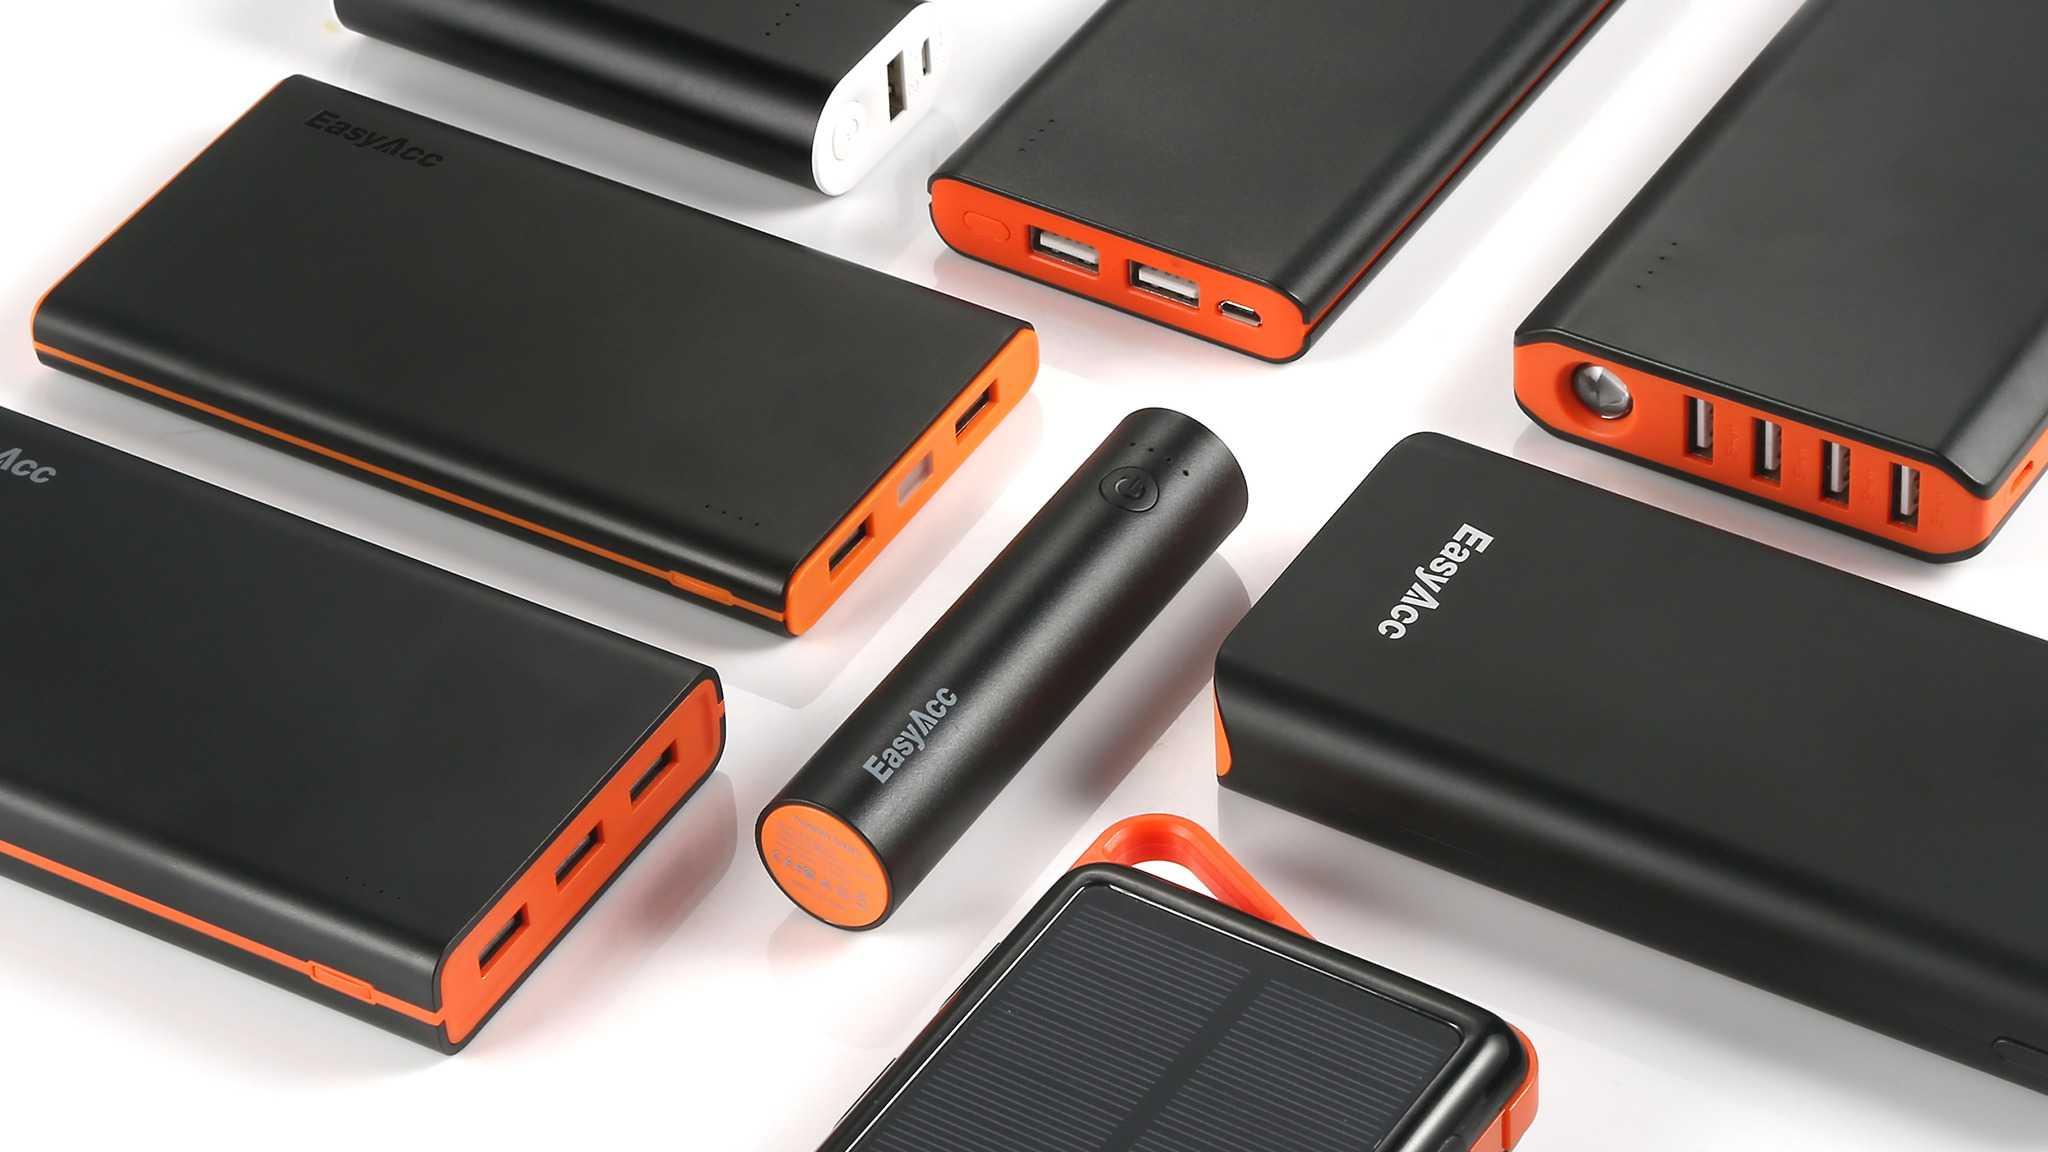 Оцените статью о том как выбрать powerbank Полезная информация о том какой внешний аккумулятор сегодня является лучшим